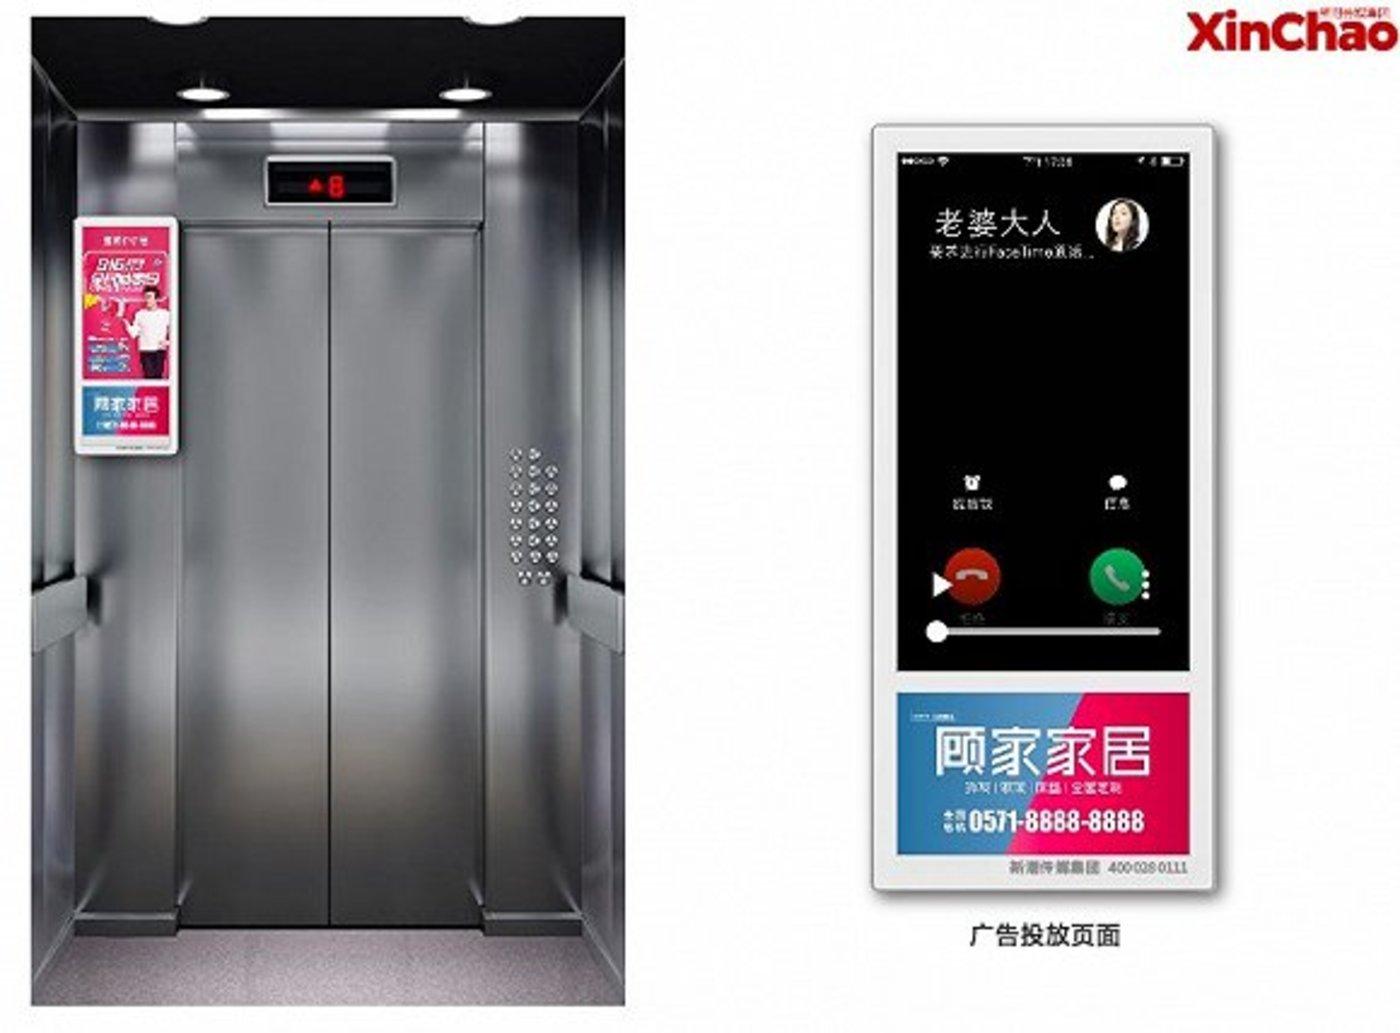 顾家家居电梯广告 图片来源:新潮传媒